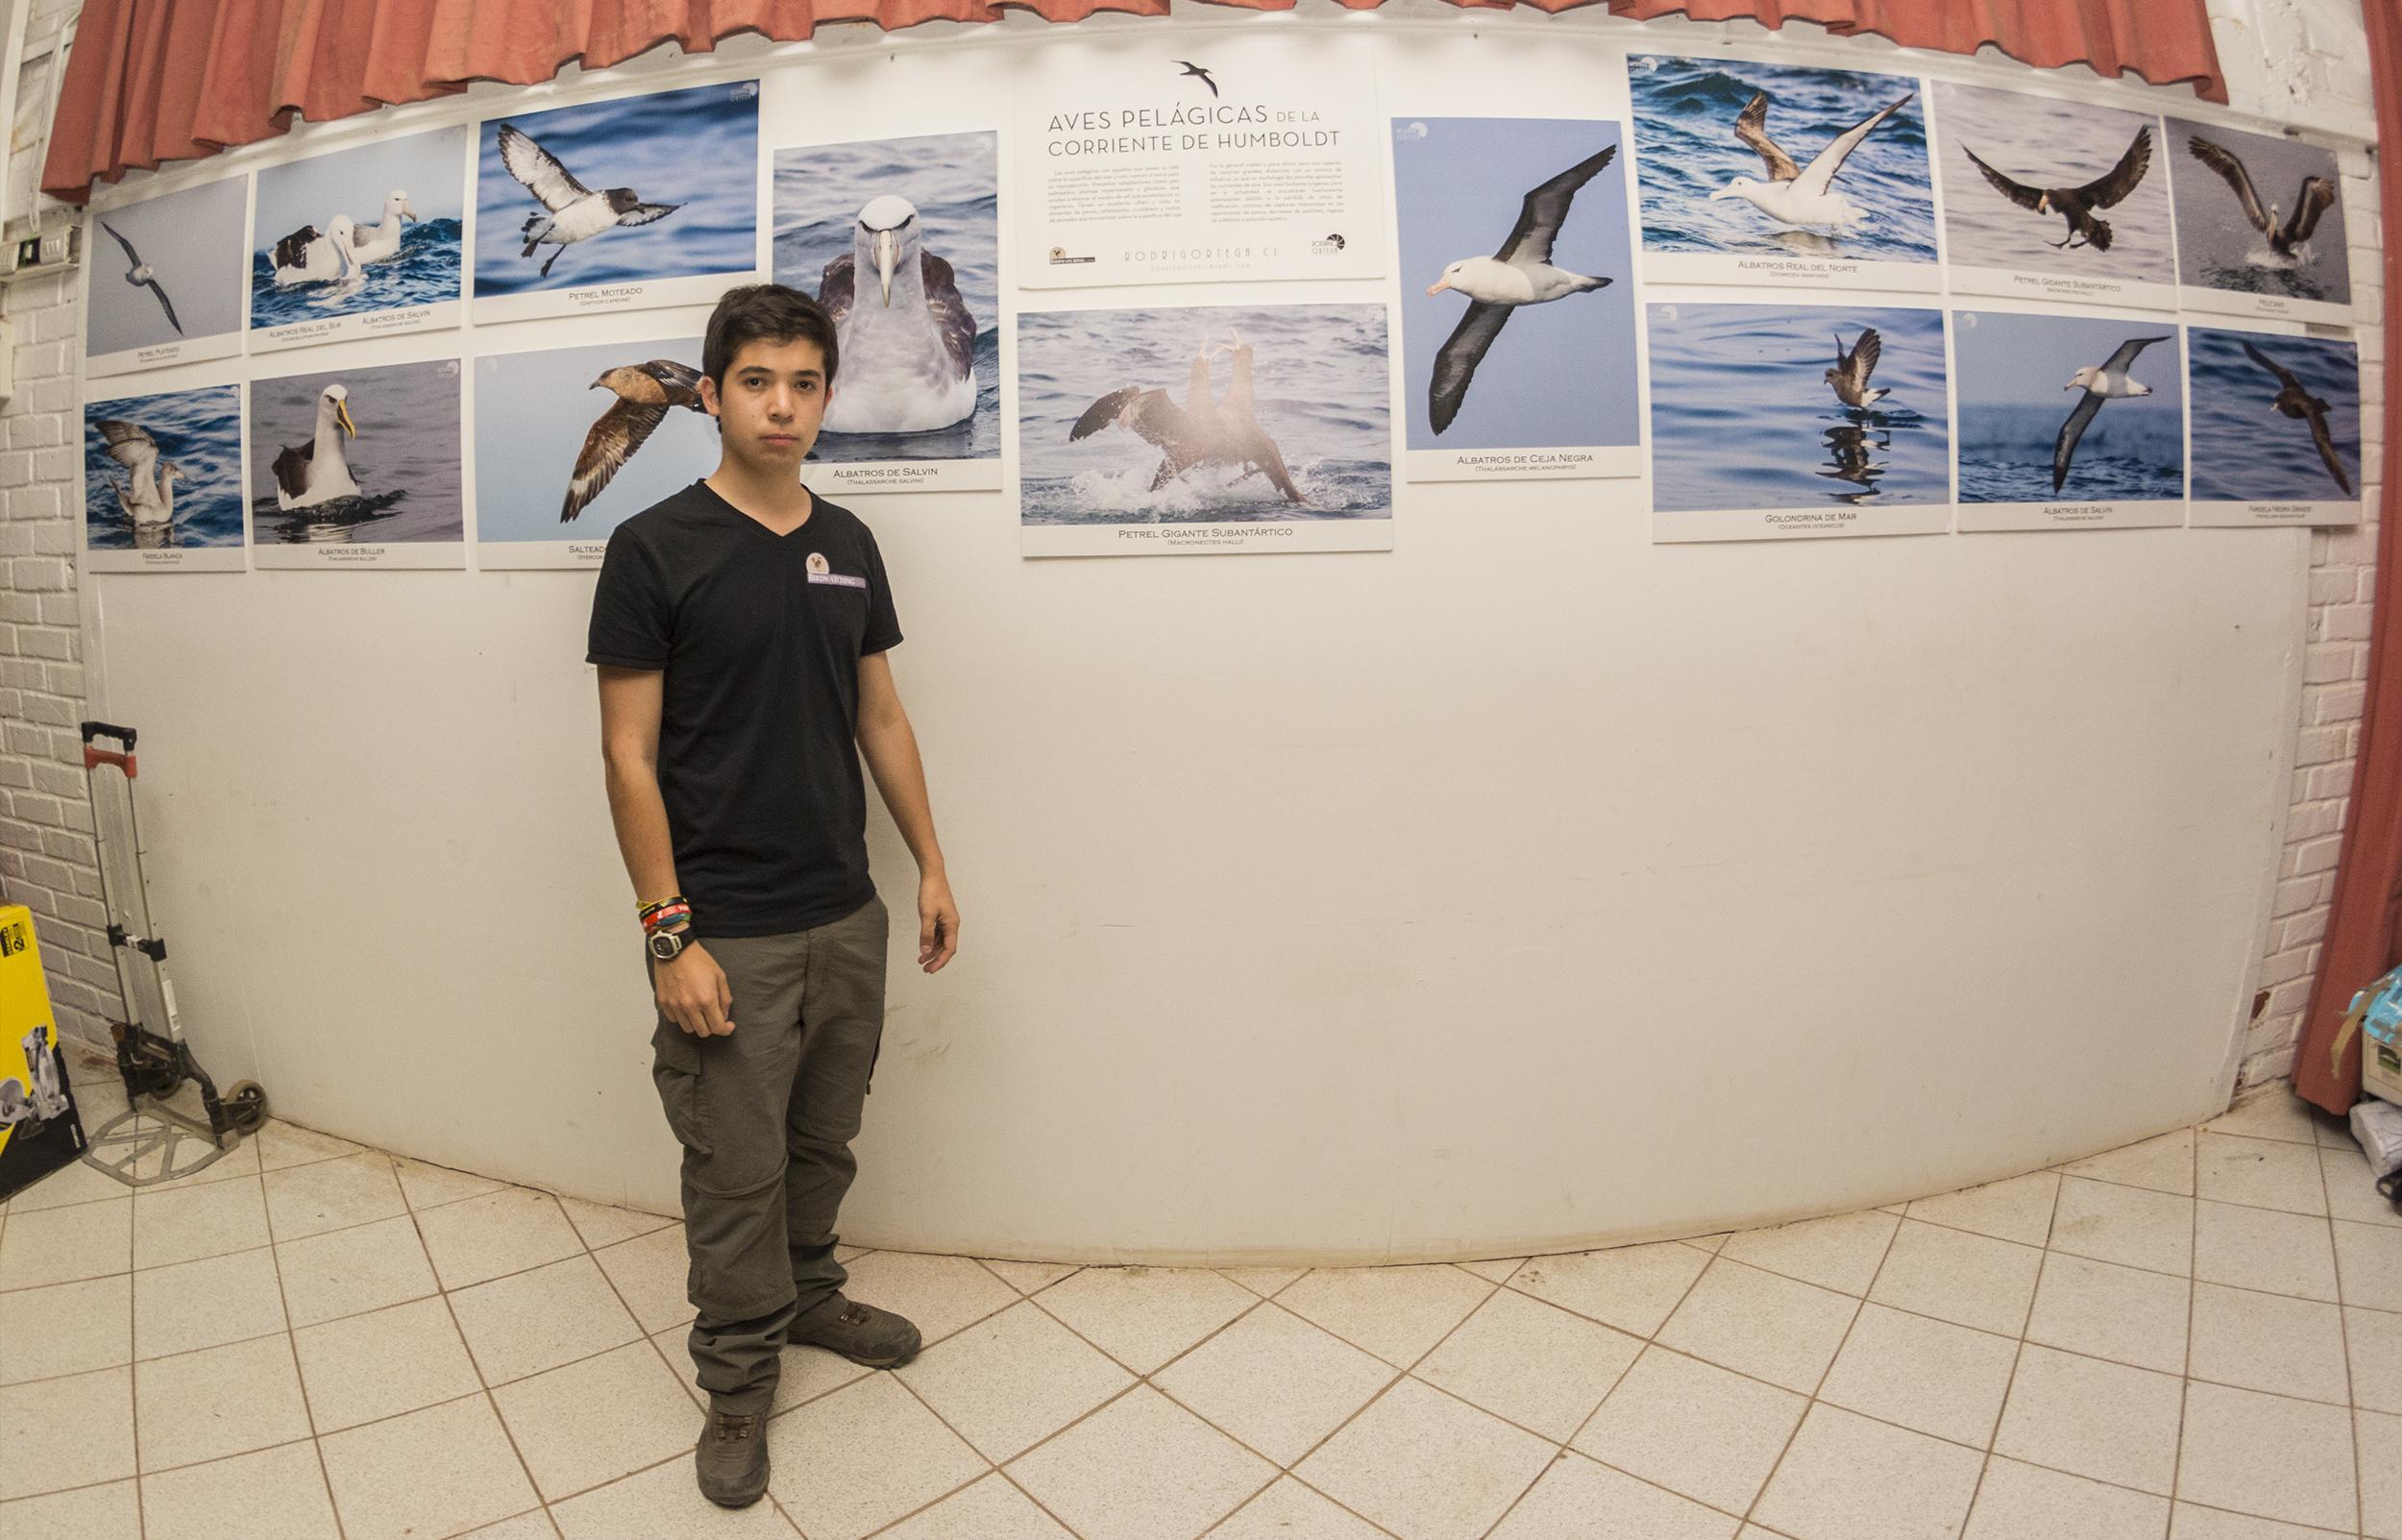 Expo 2 Rodrigo Ortega - Naturaleza & Outdoor Expo 2